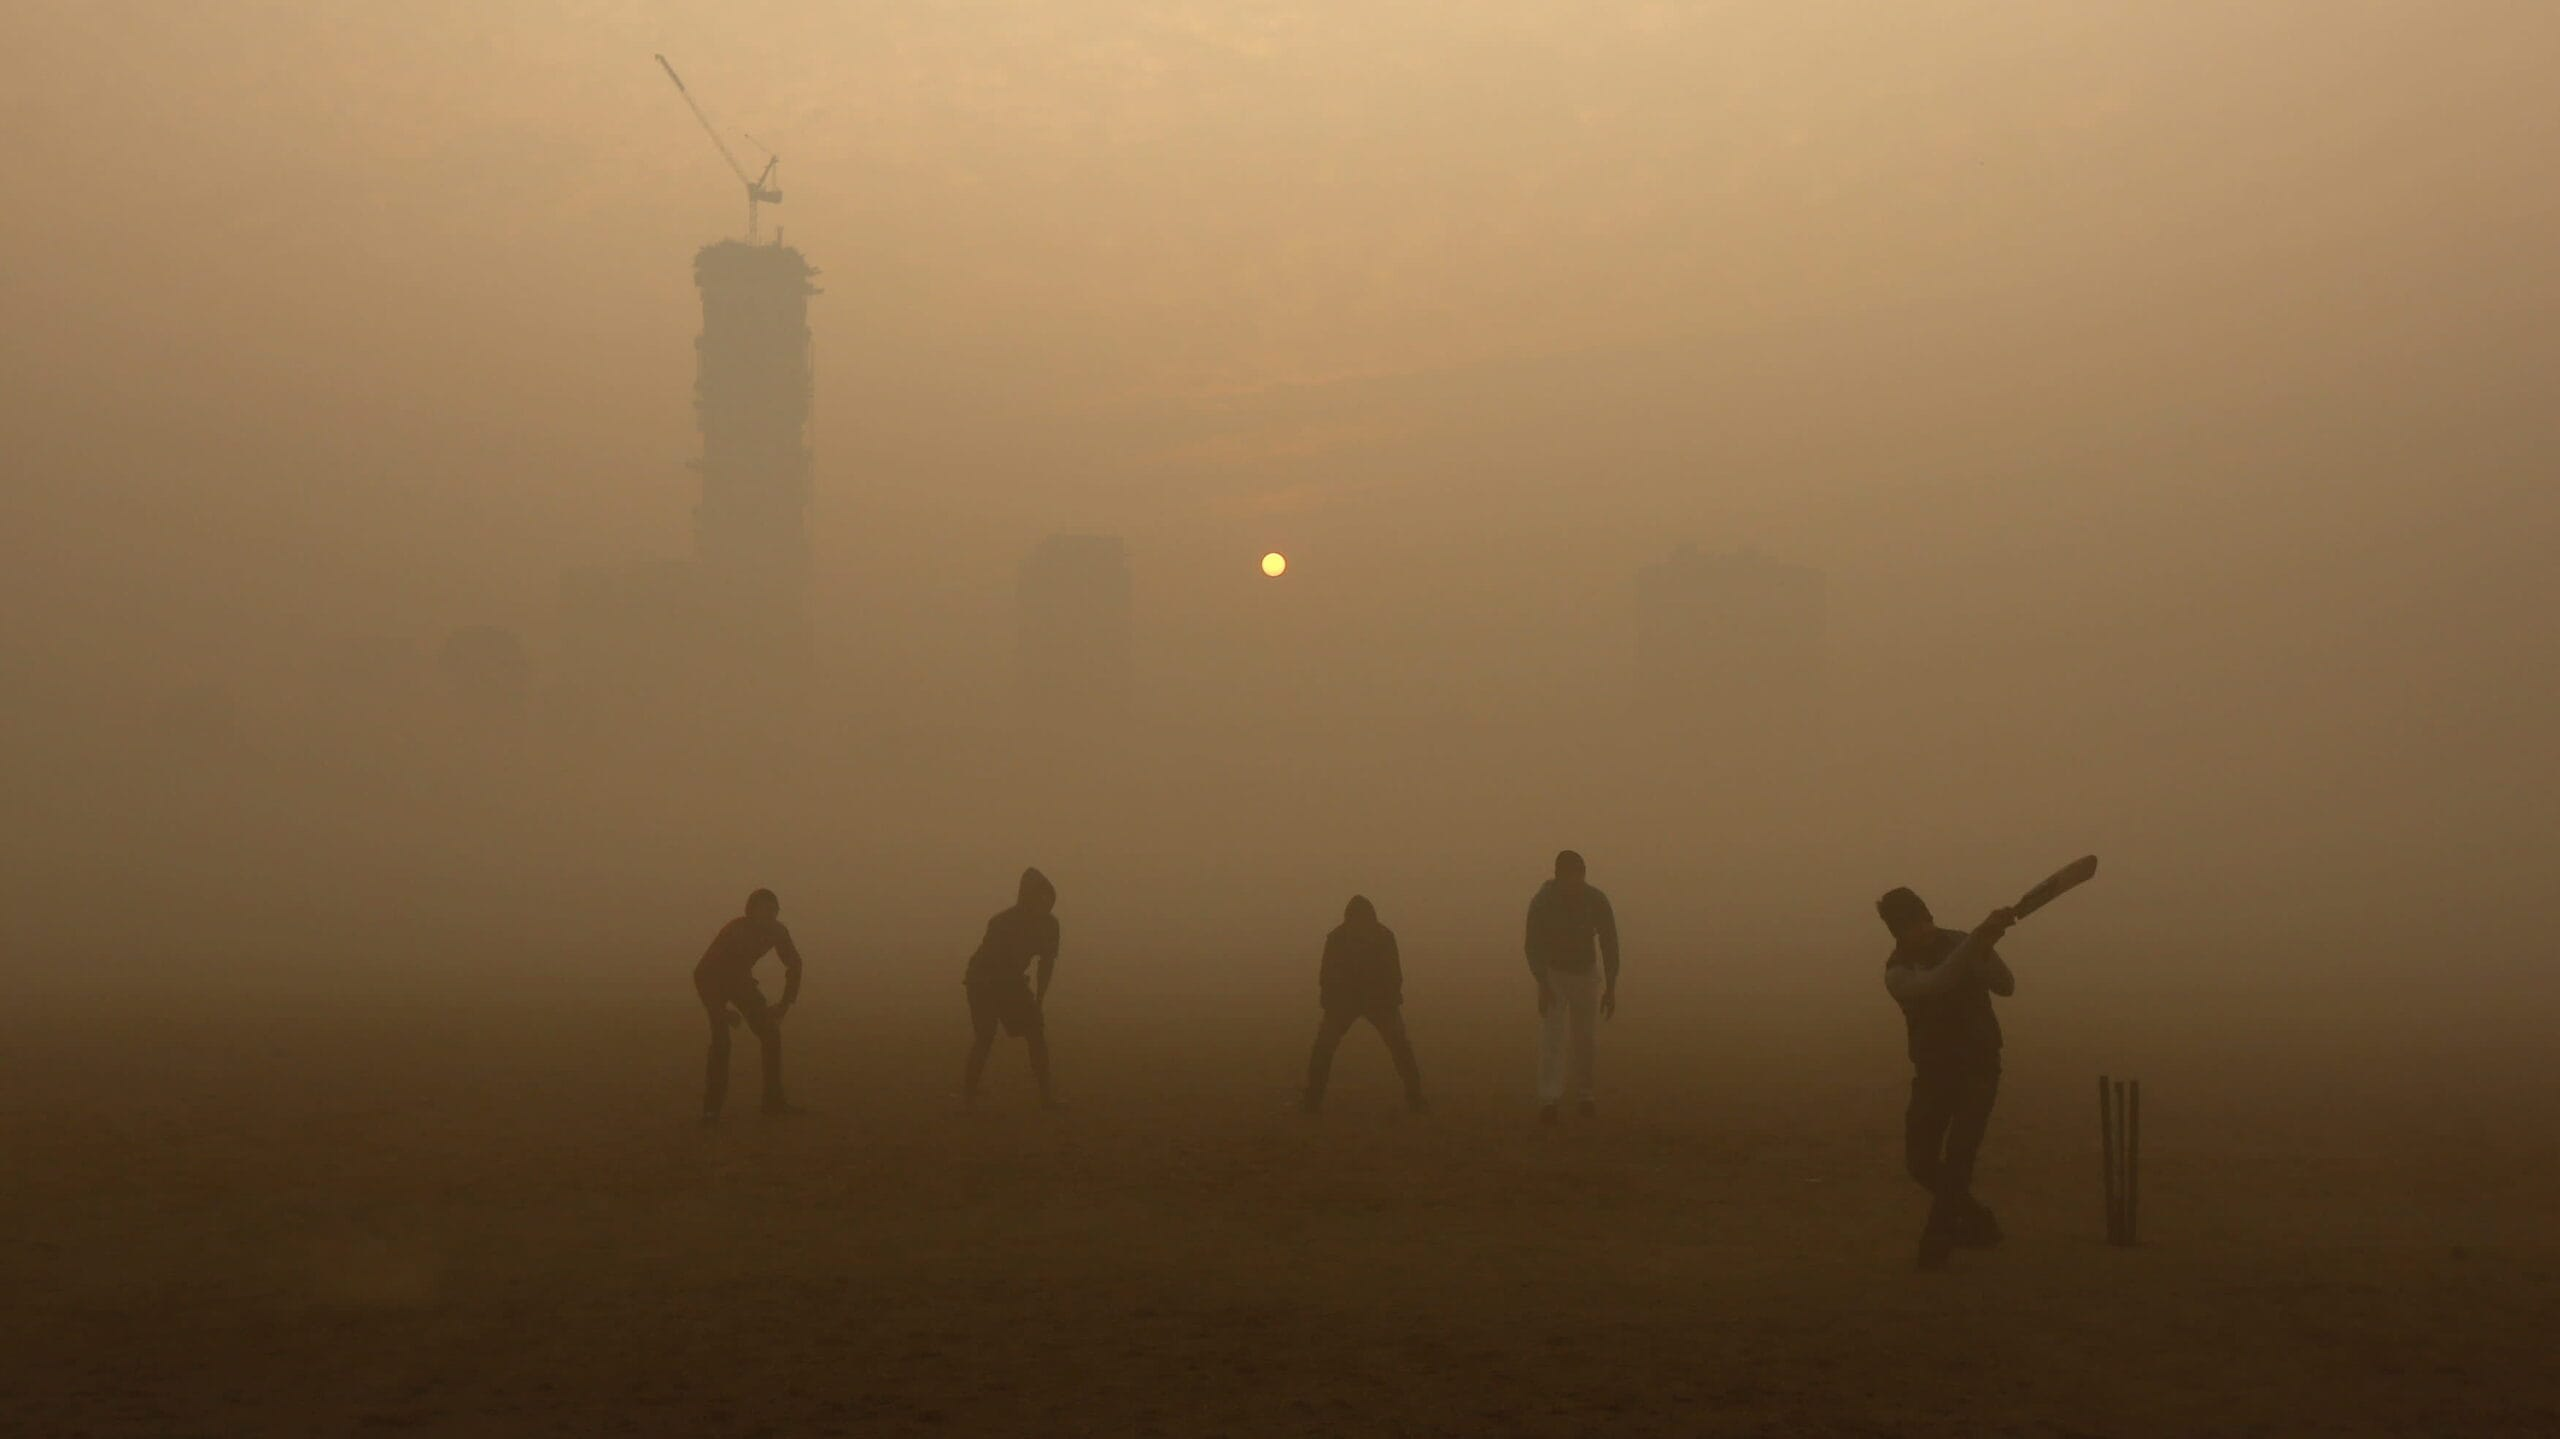 Légszennyezés: Minden határon túl... 1